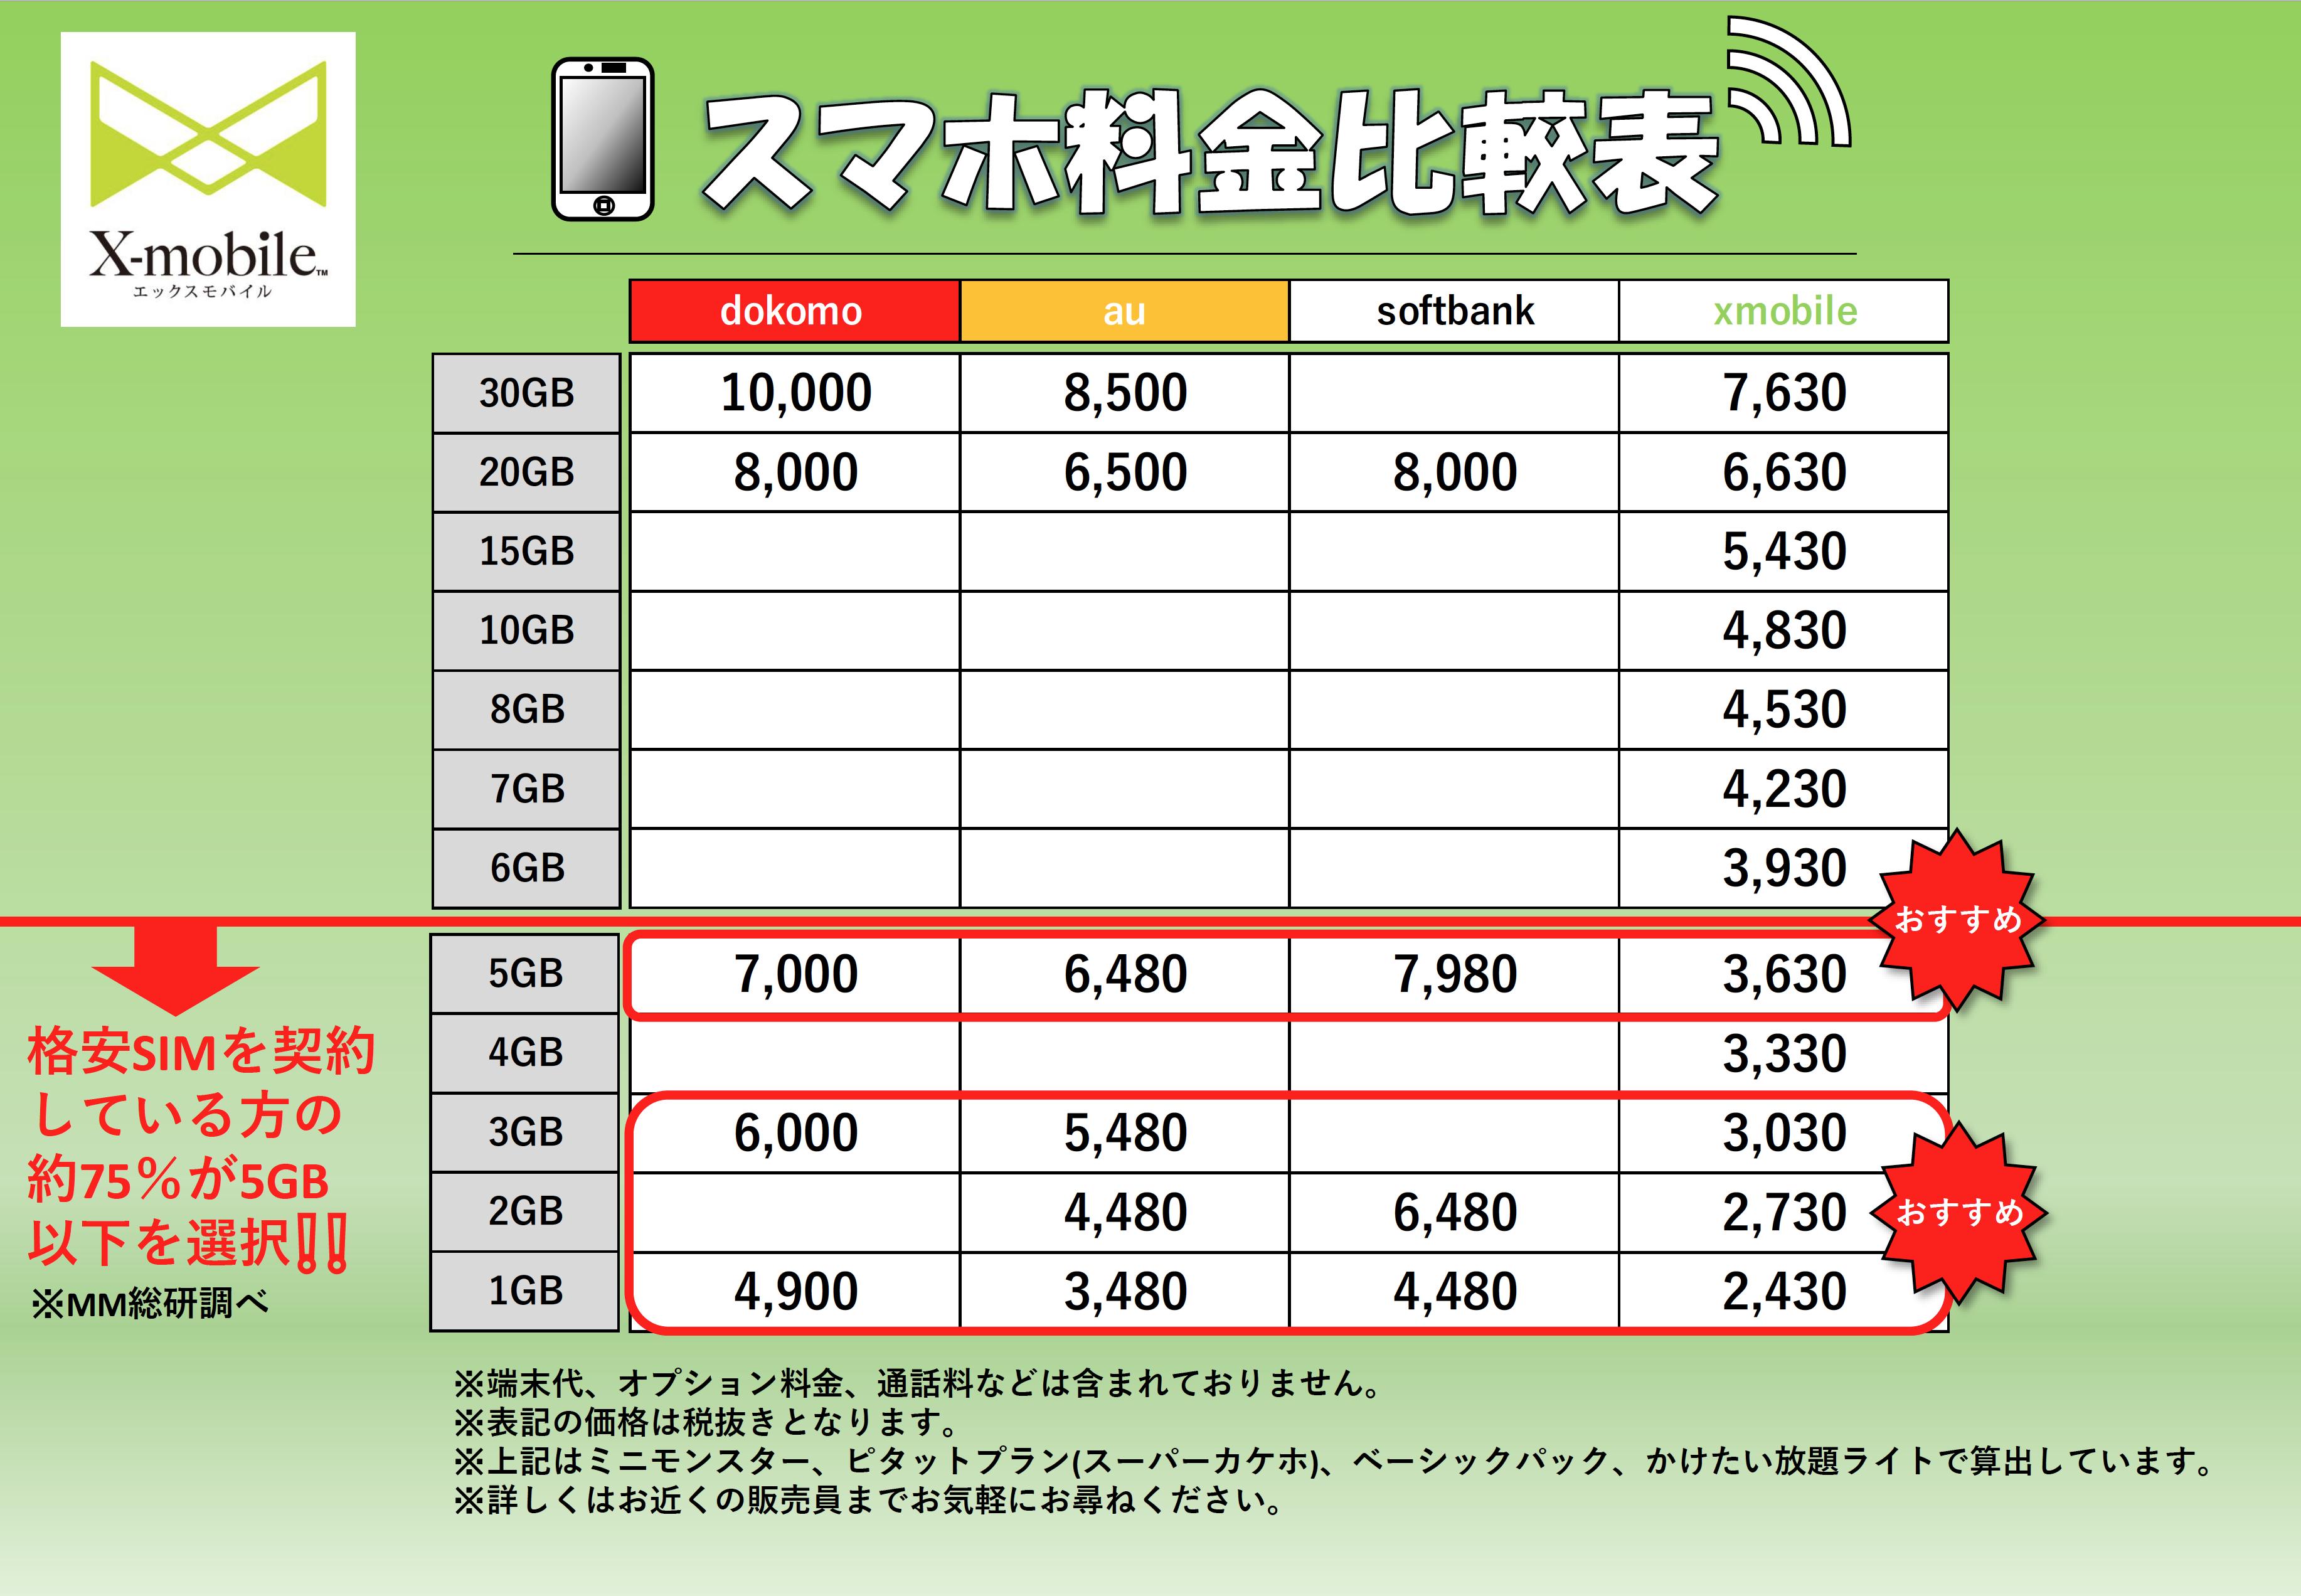 スマホ料金比較 データ通信5GB以下は特にX-mobileがおすすめ!